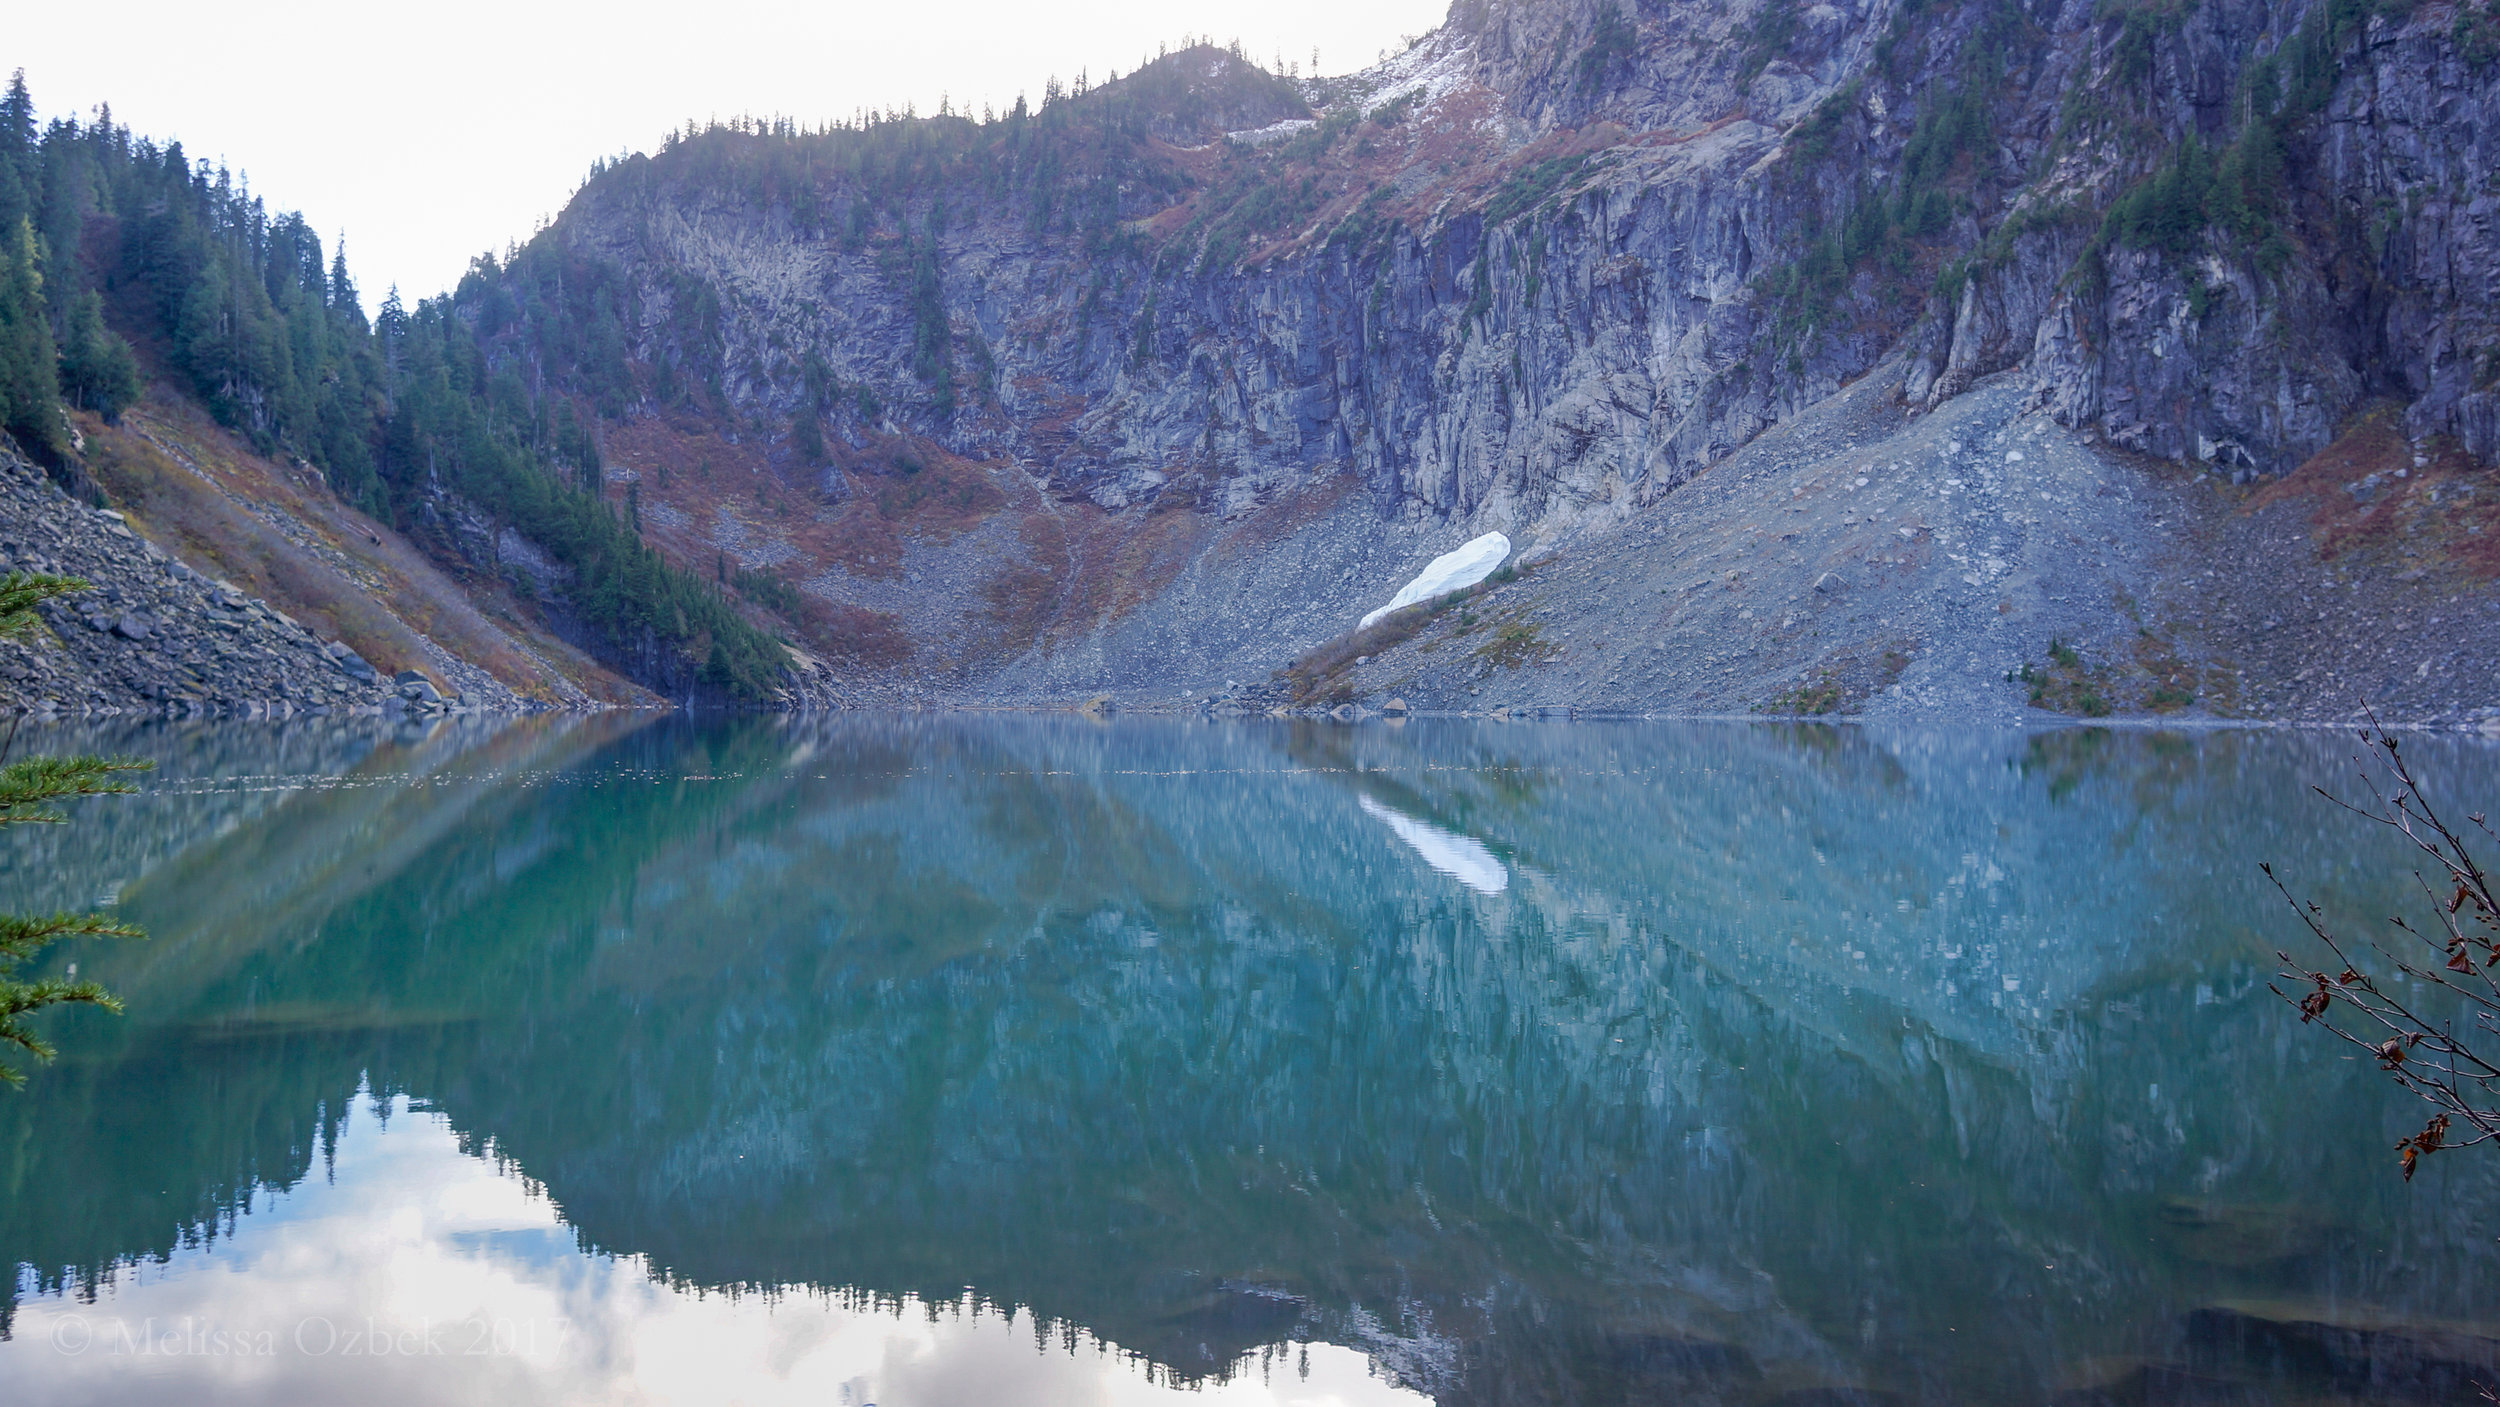 4. Lake Serene